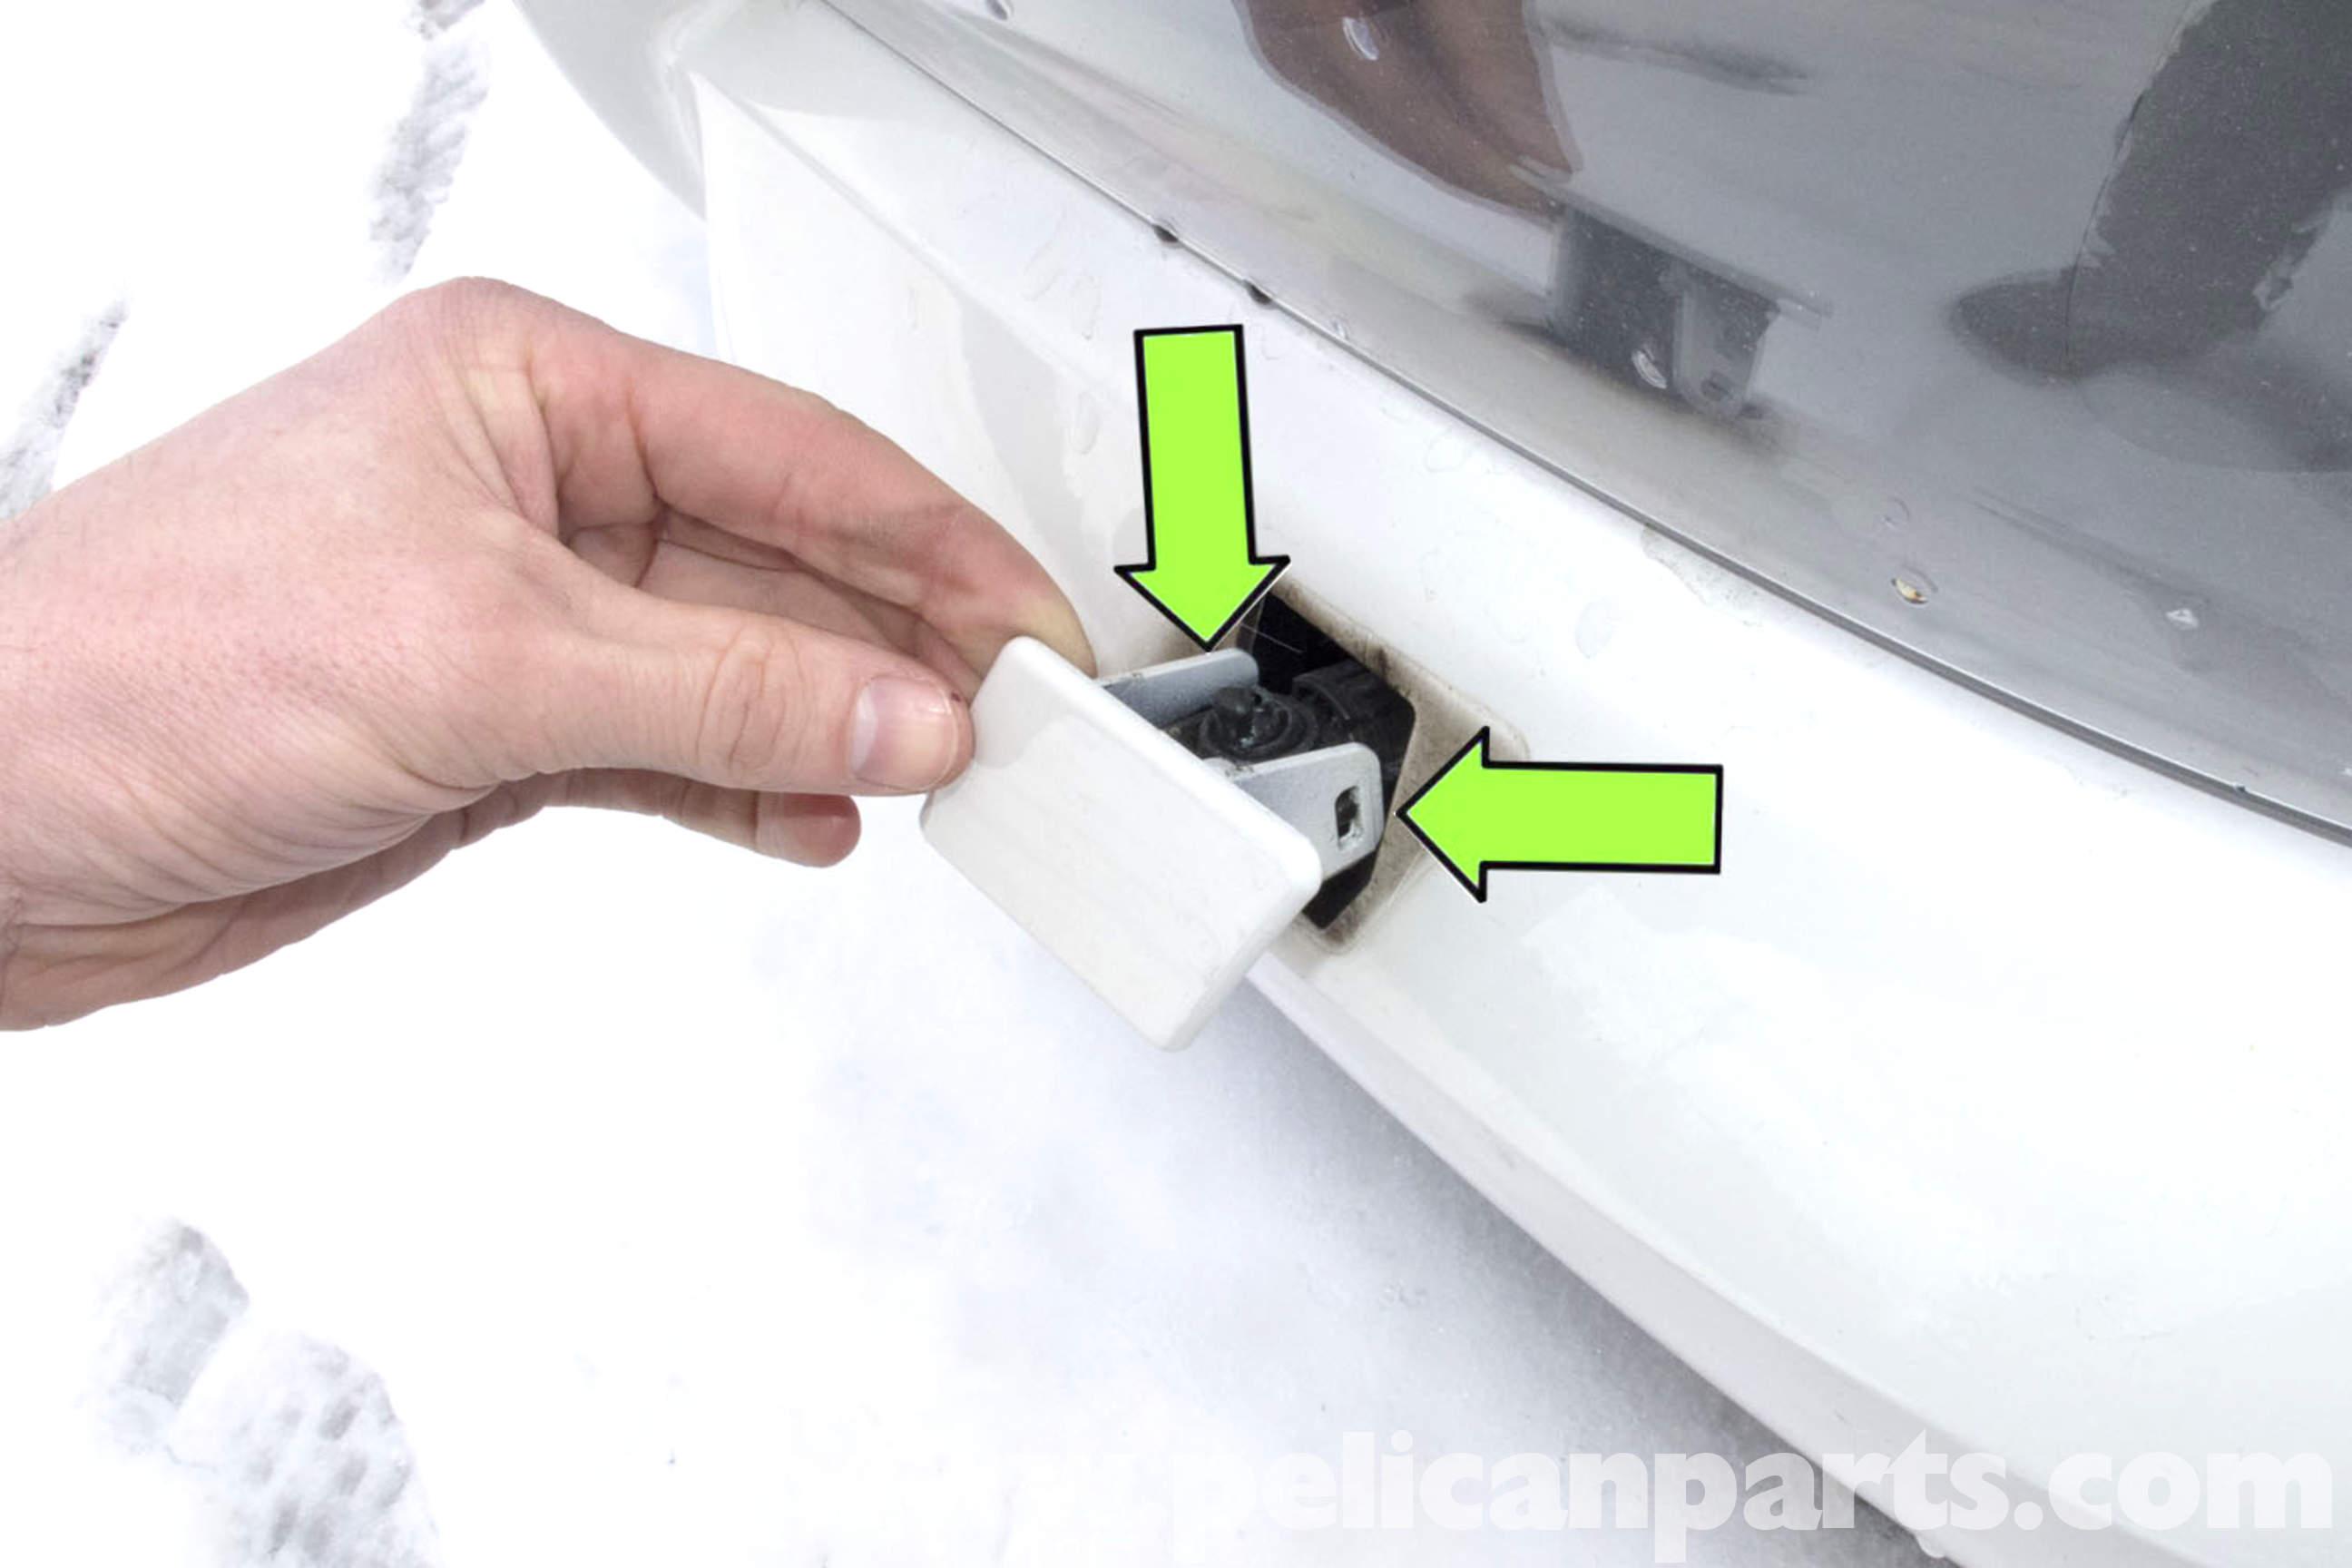 Bmw E90 Front Bumper Removal E91 E92 E93 Pelican Parts Diy Maintenance Article